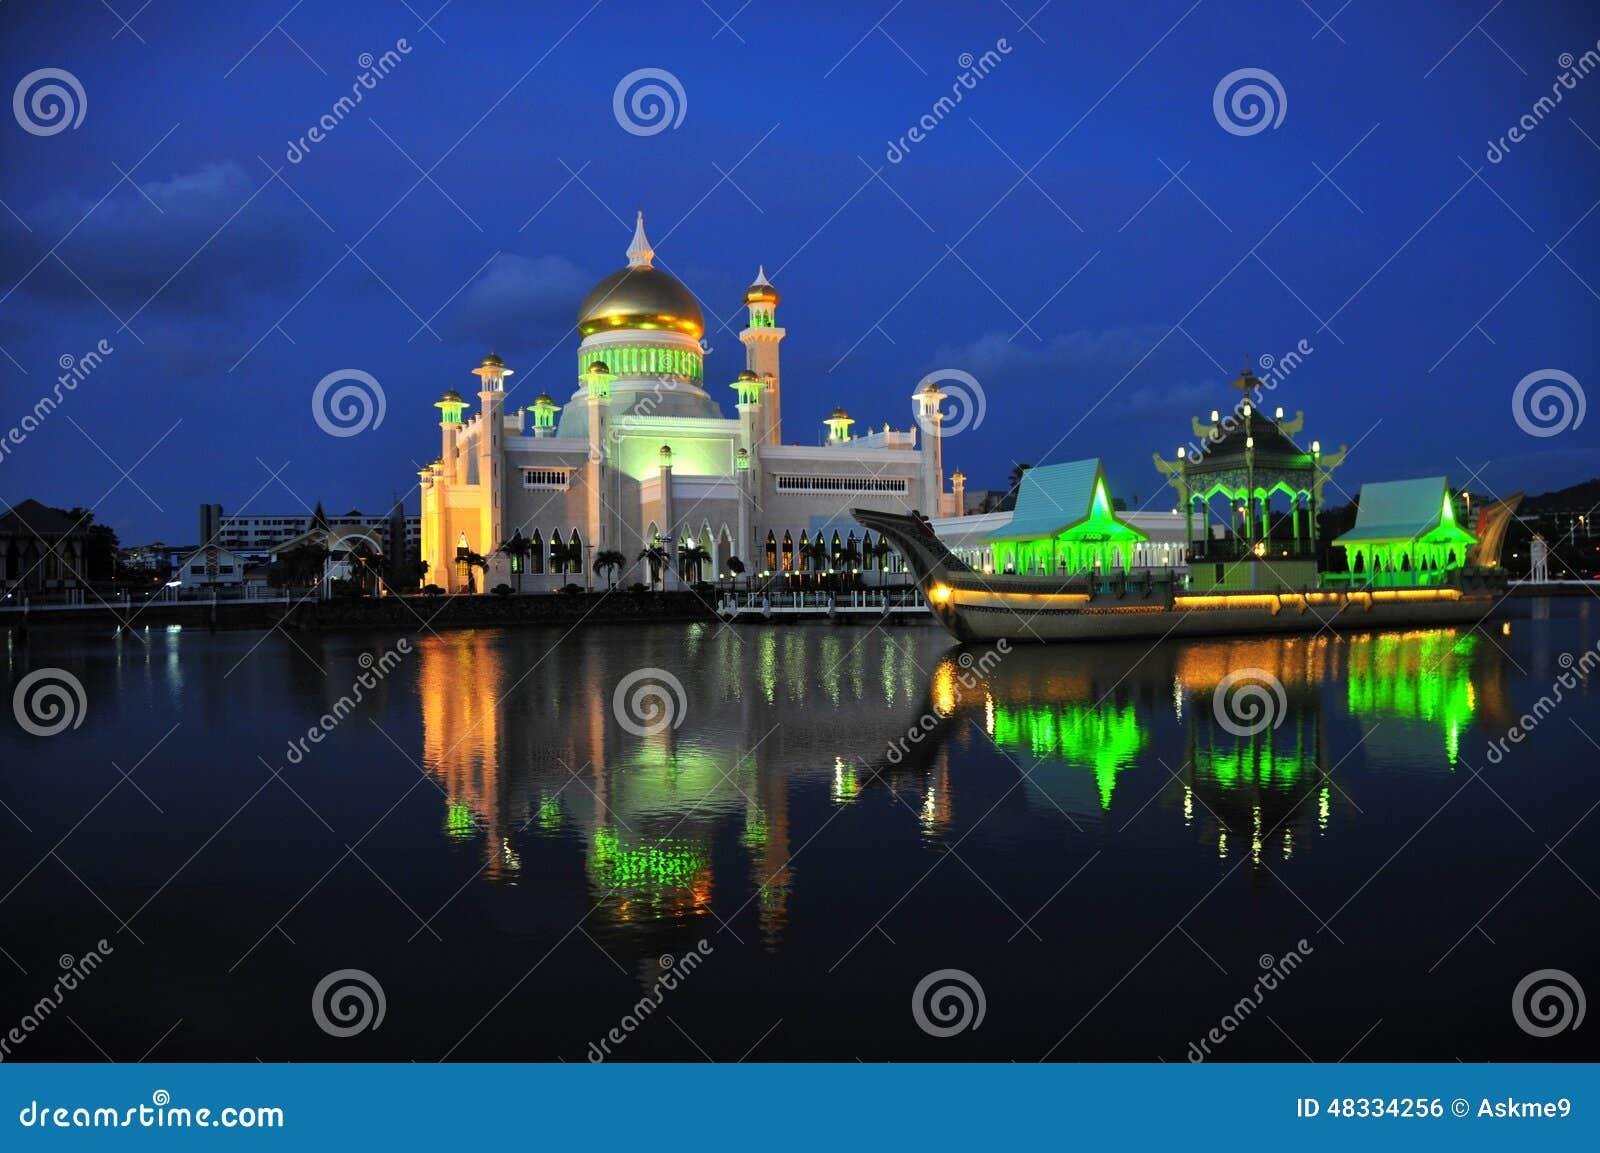 Brunei Darussalam Sultan Omar Ali Saifuddien Mosque